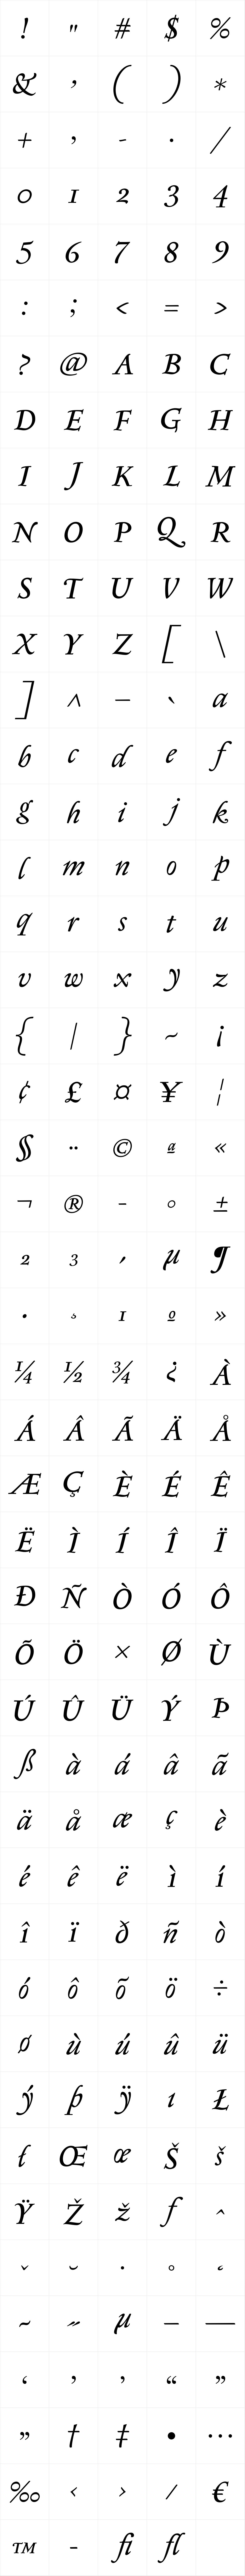 Sedan regular Italic